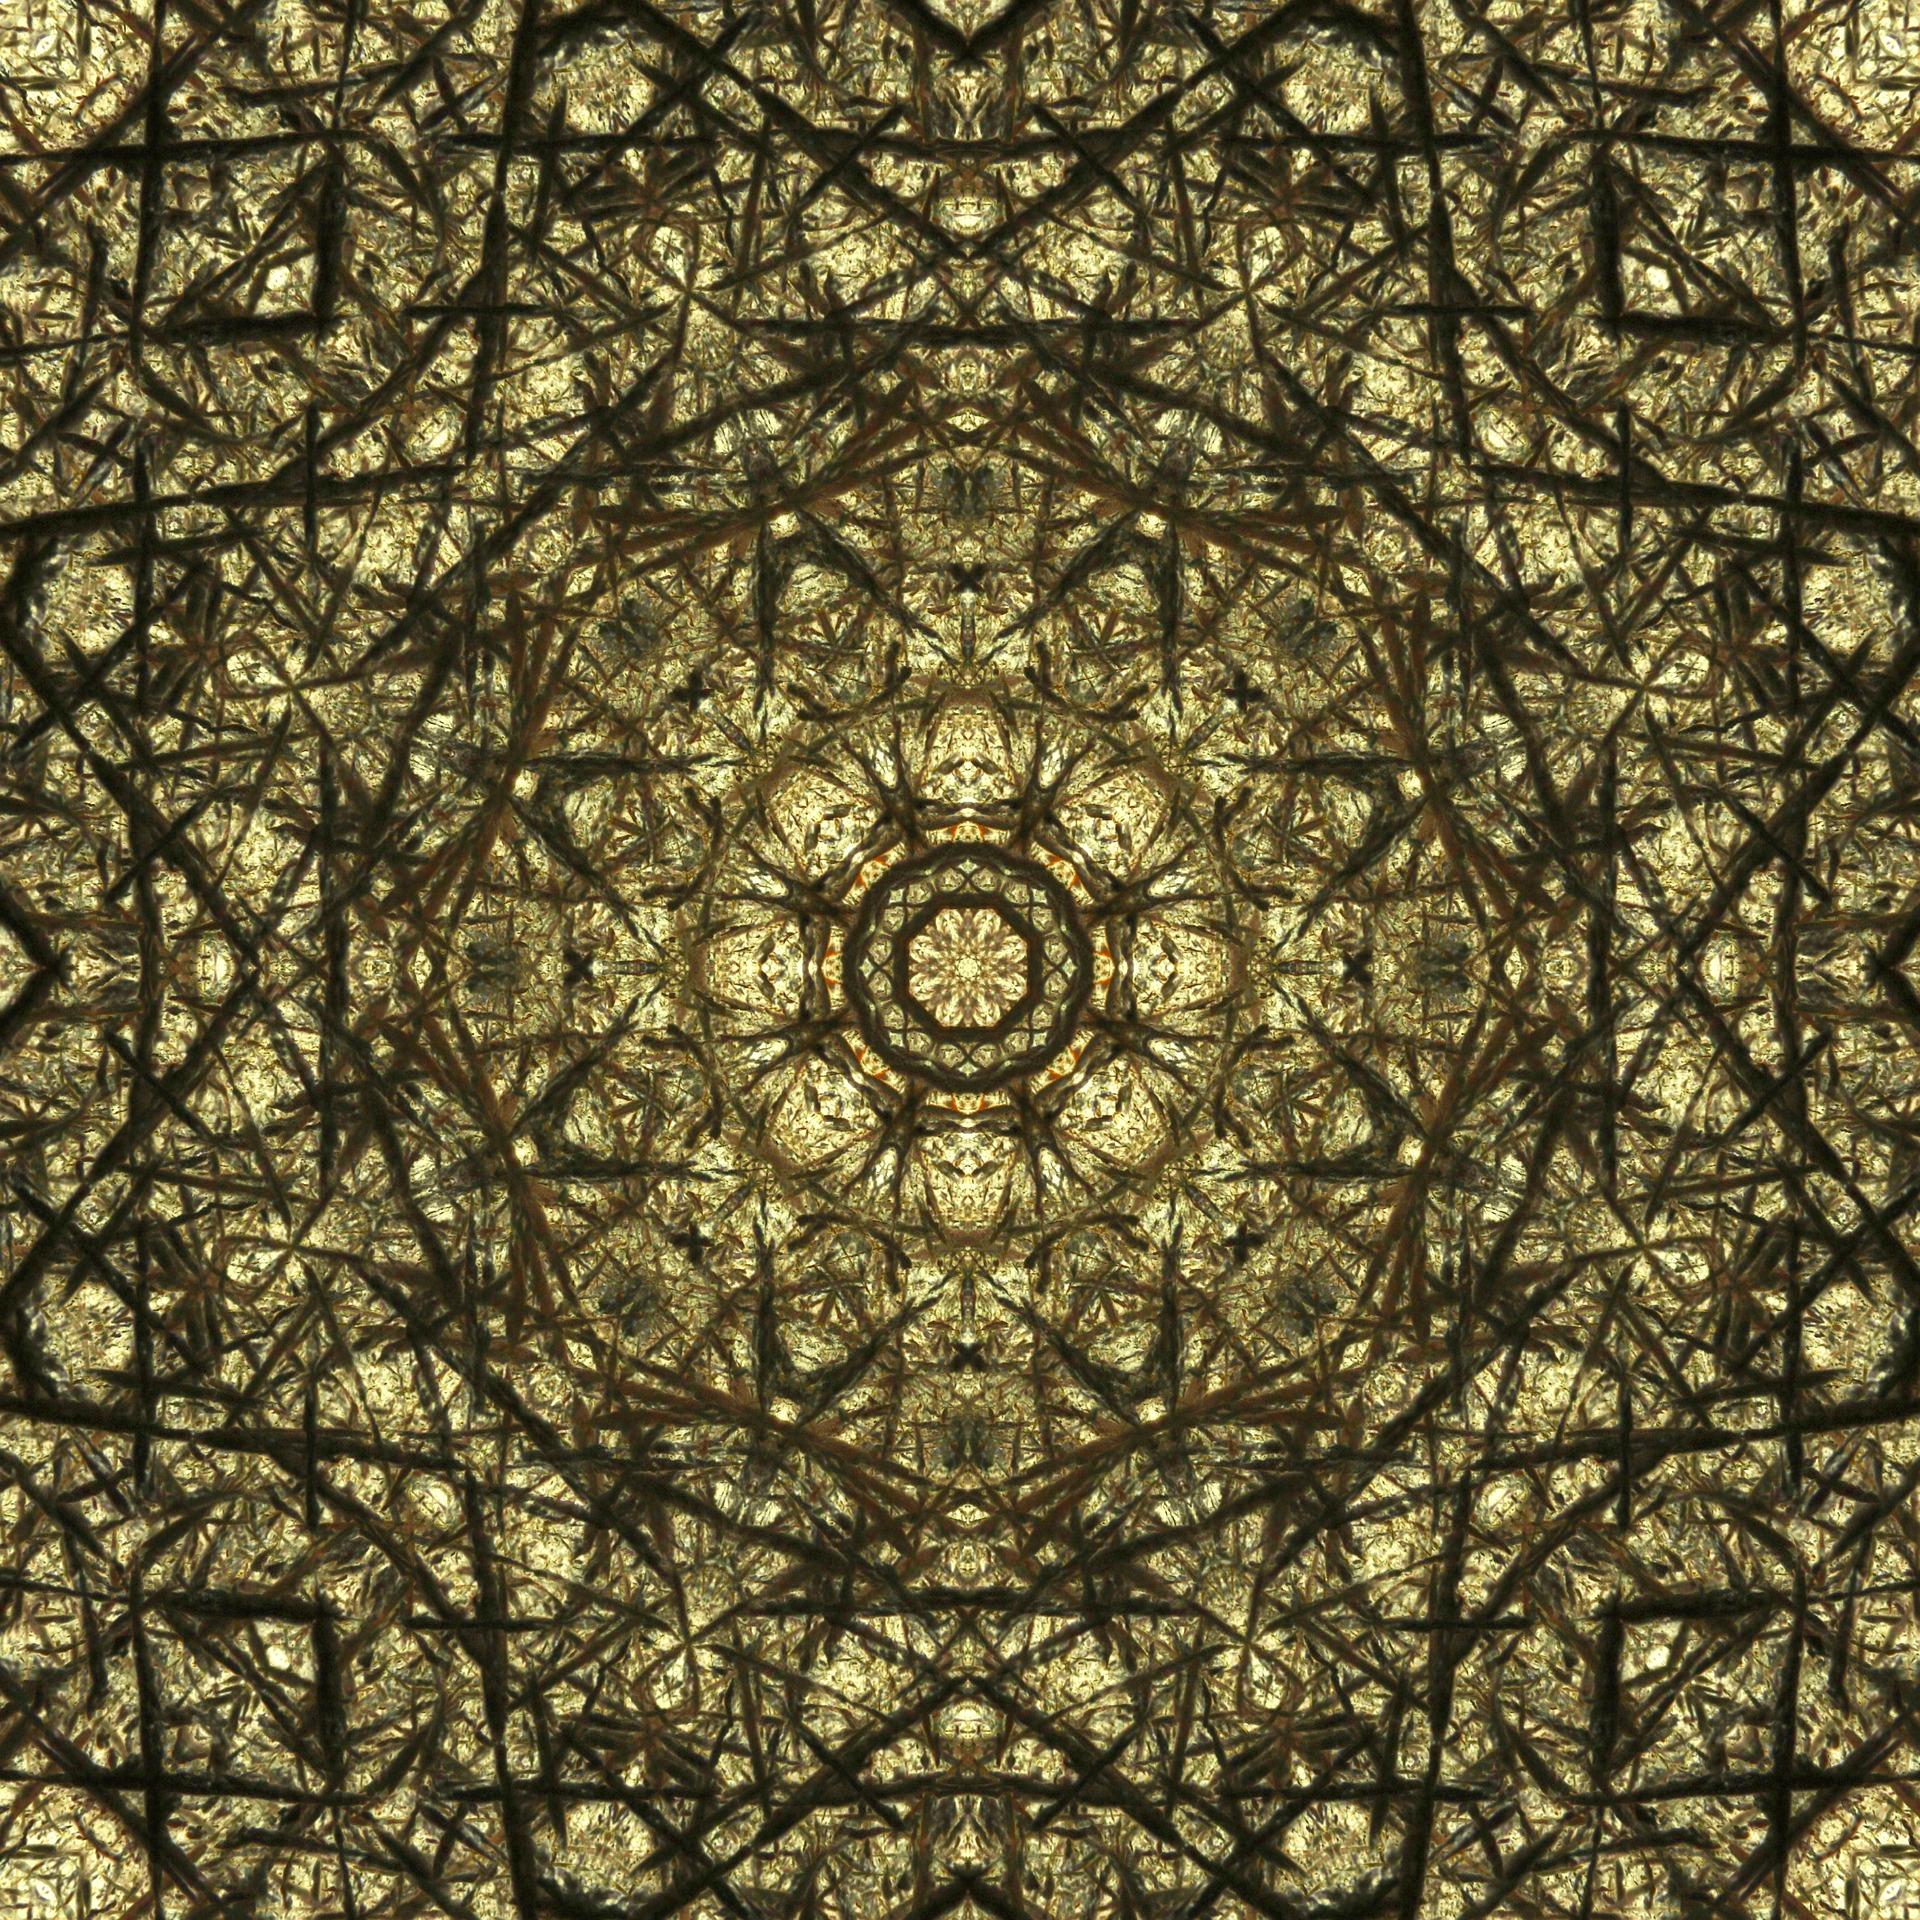 kaleidoscope-1158495_1920